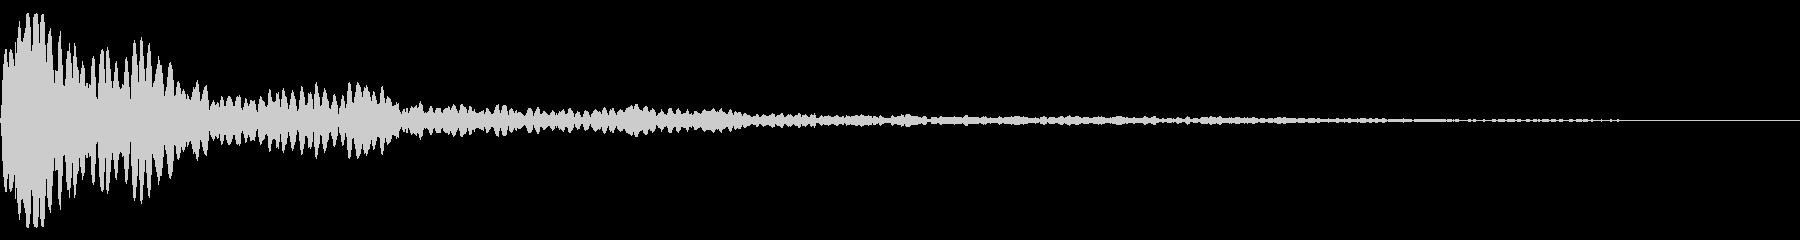 ピーン(ダイアログを開く_02re)の未再生の波形